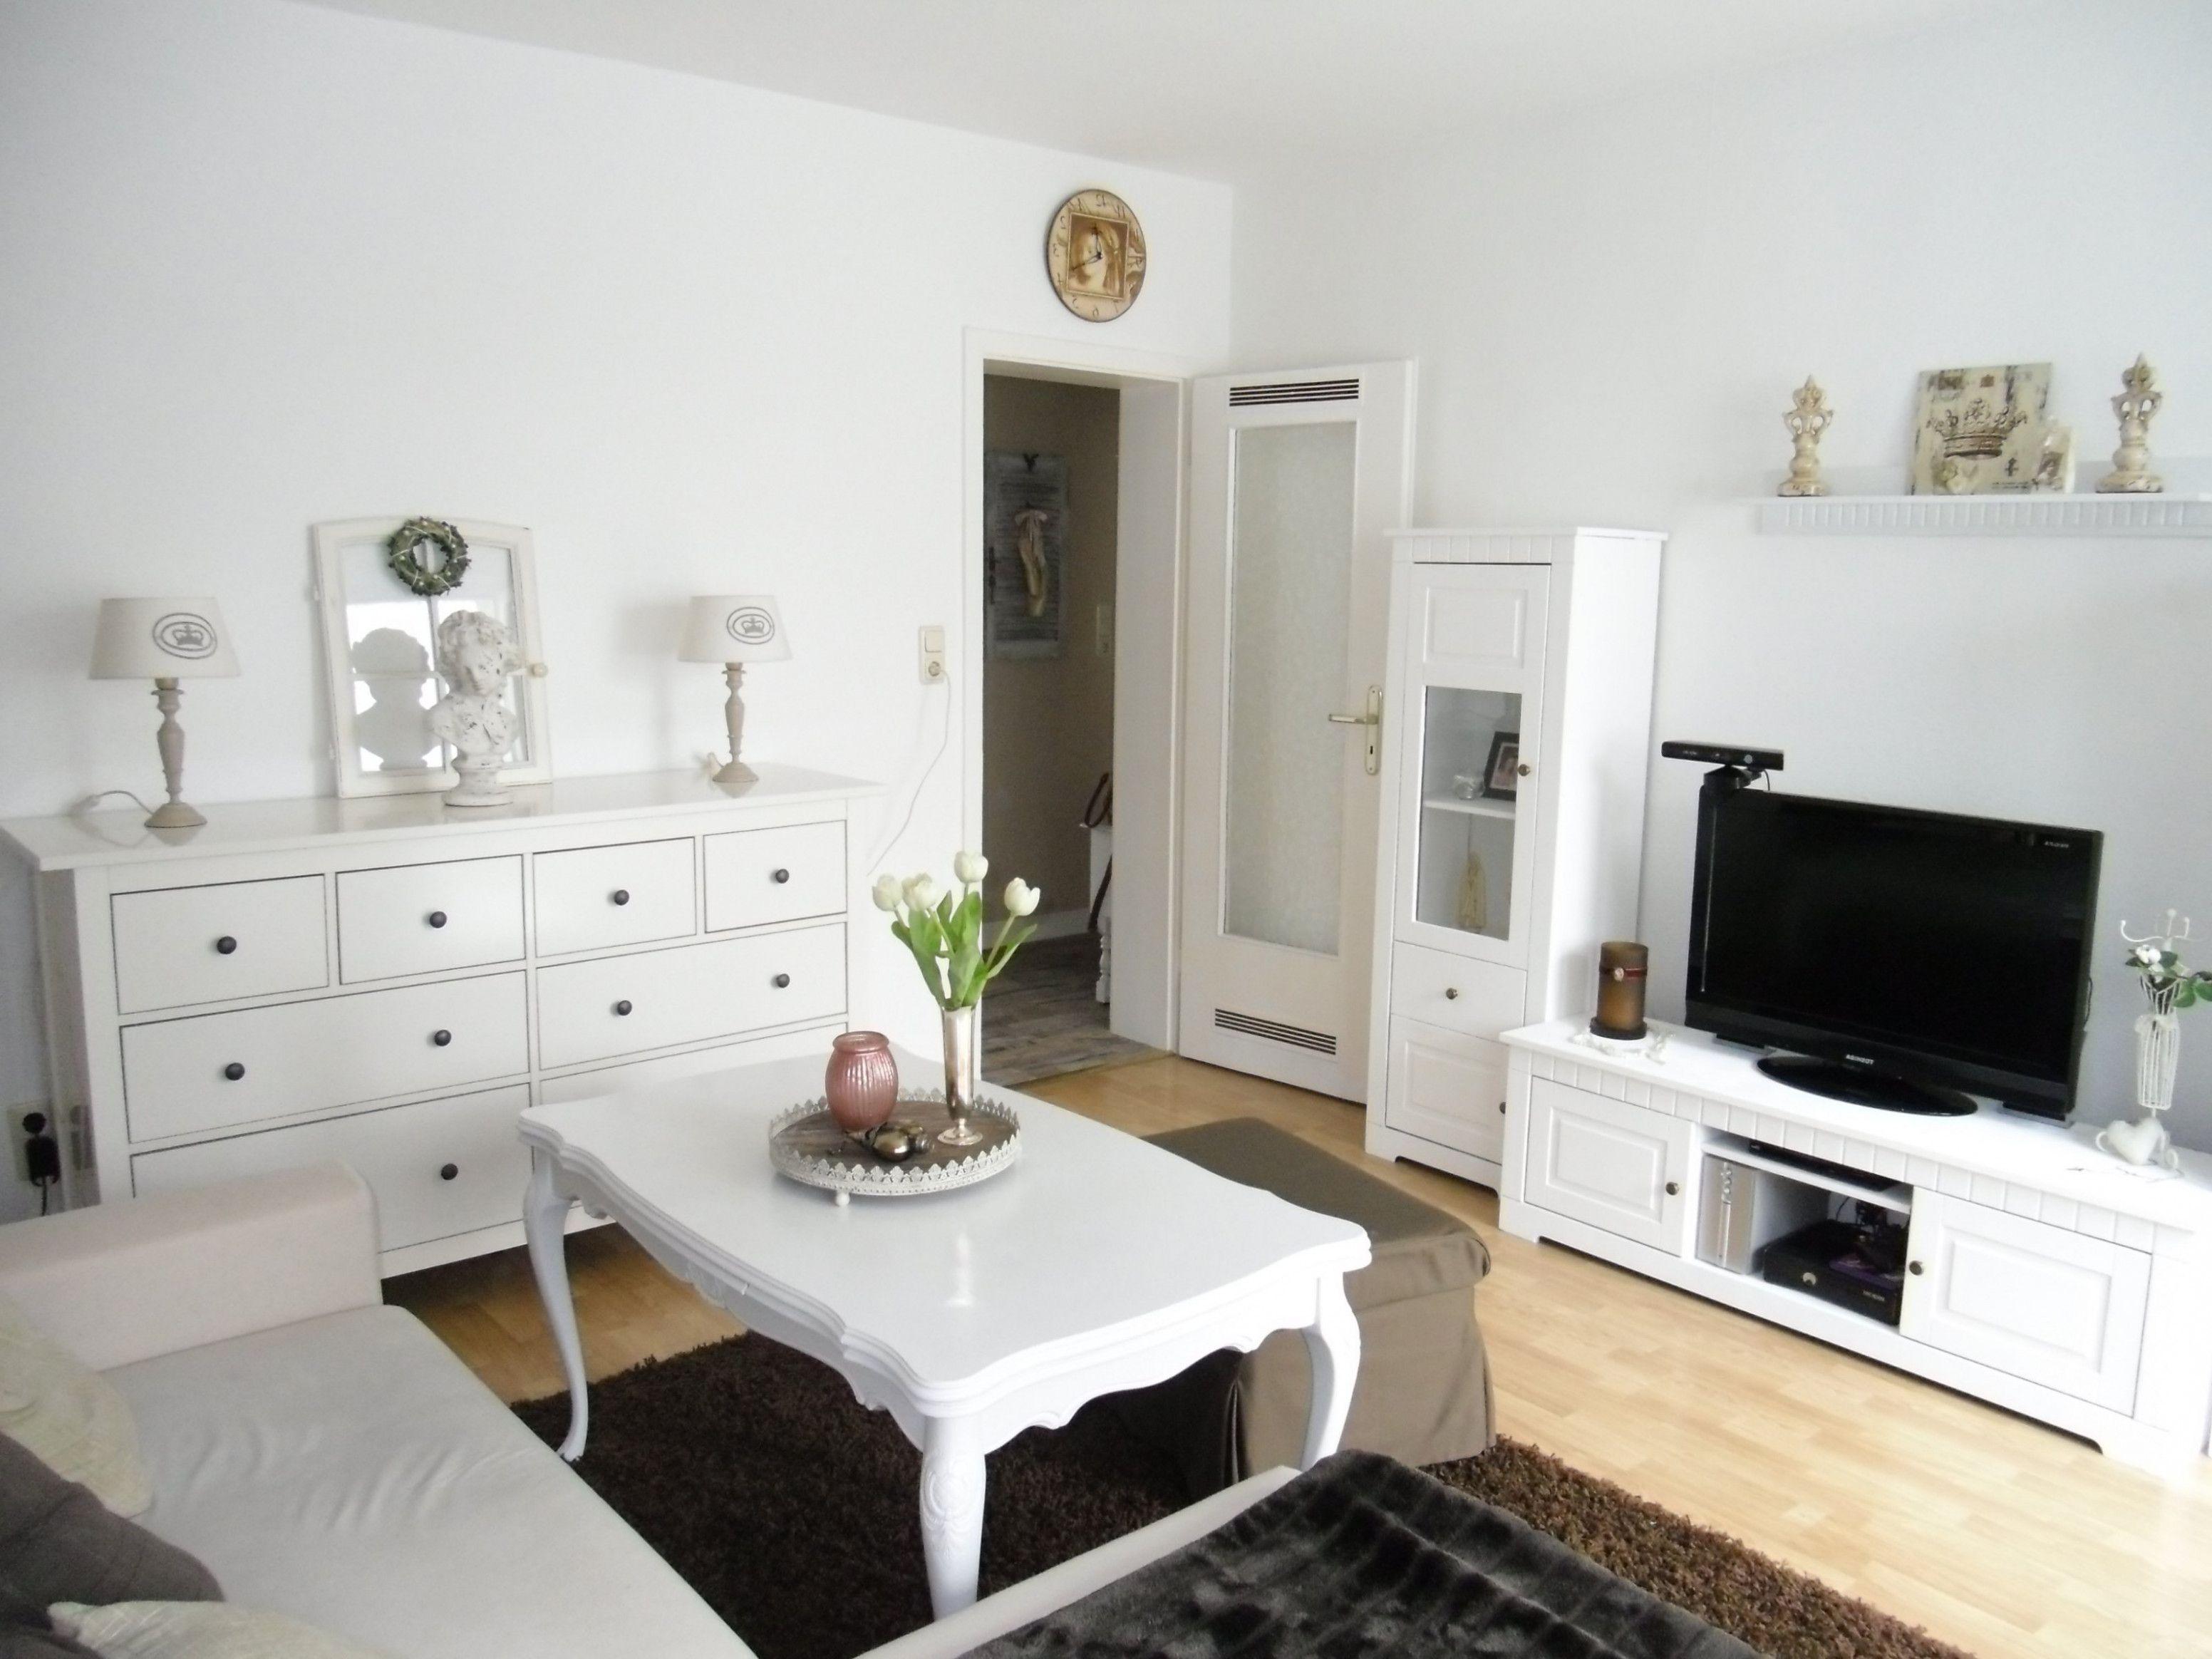 Wohnzimmer Hemnes Die Schonsten Ideen Mit Der Ikea Hemnes Serie